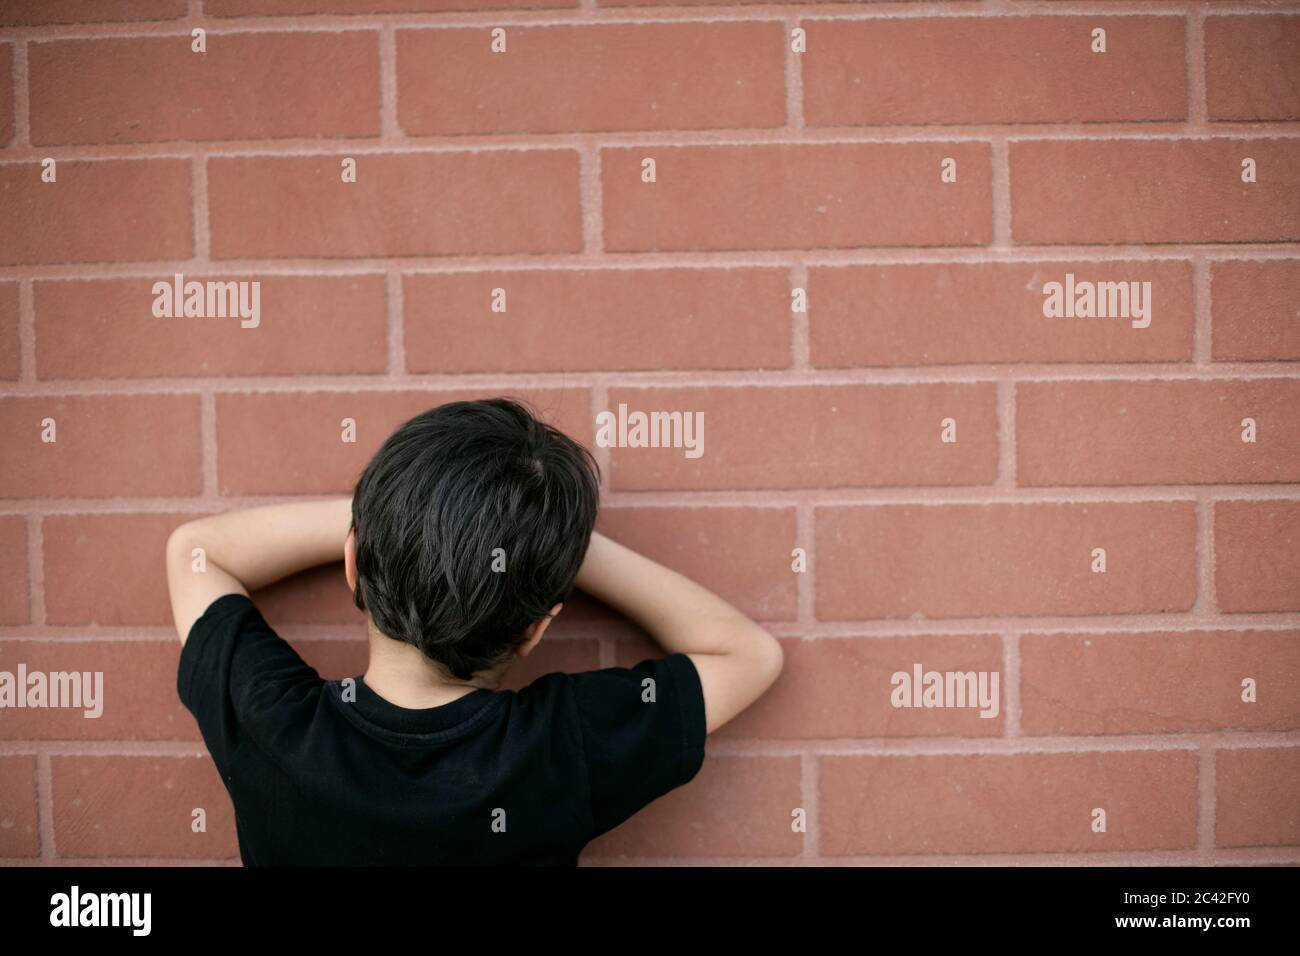 El niño cuenta con la pared para esconderse - la juventud - la infancia Foto de stock